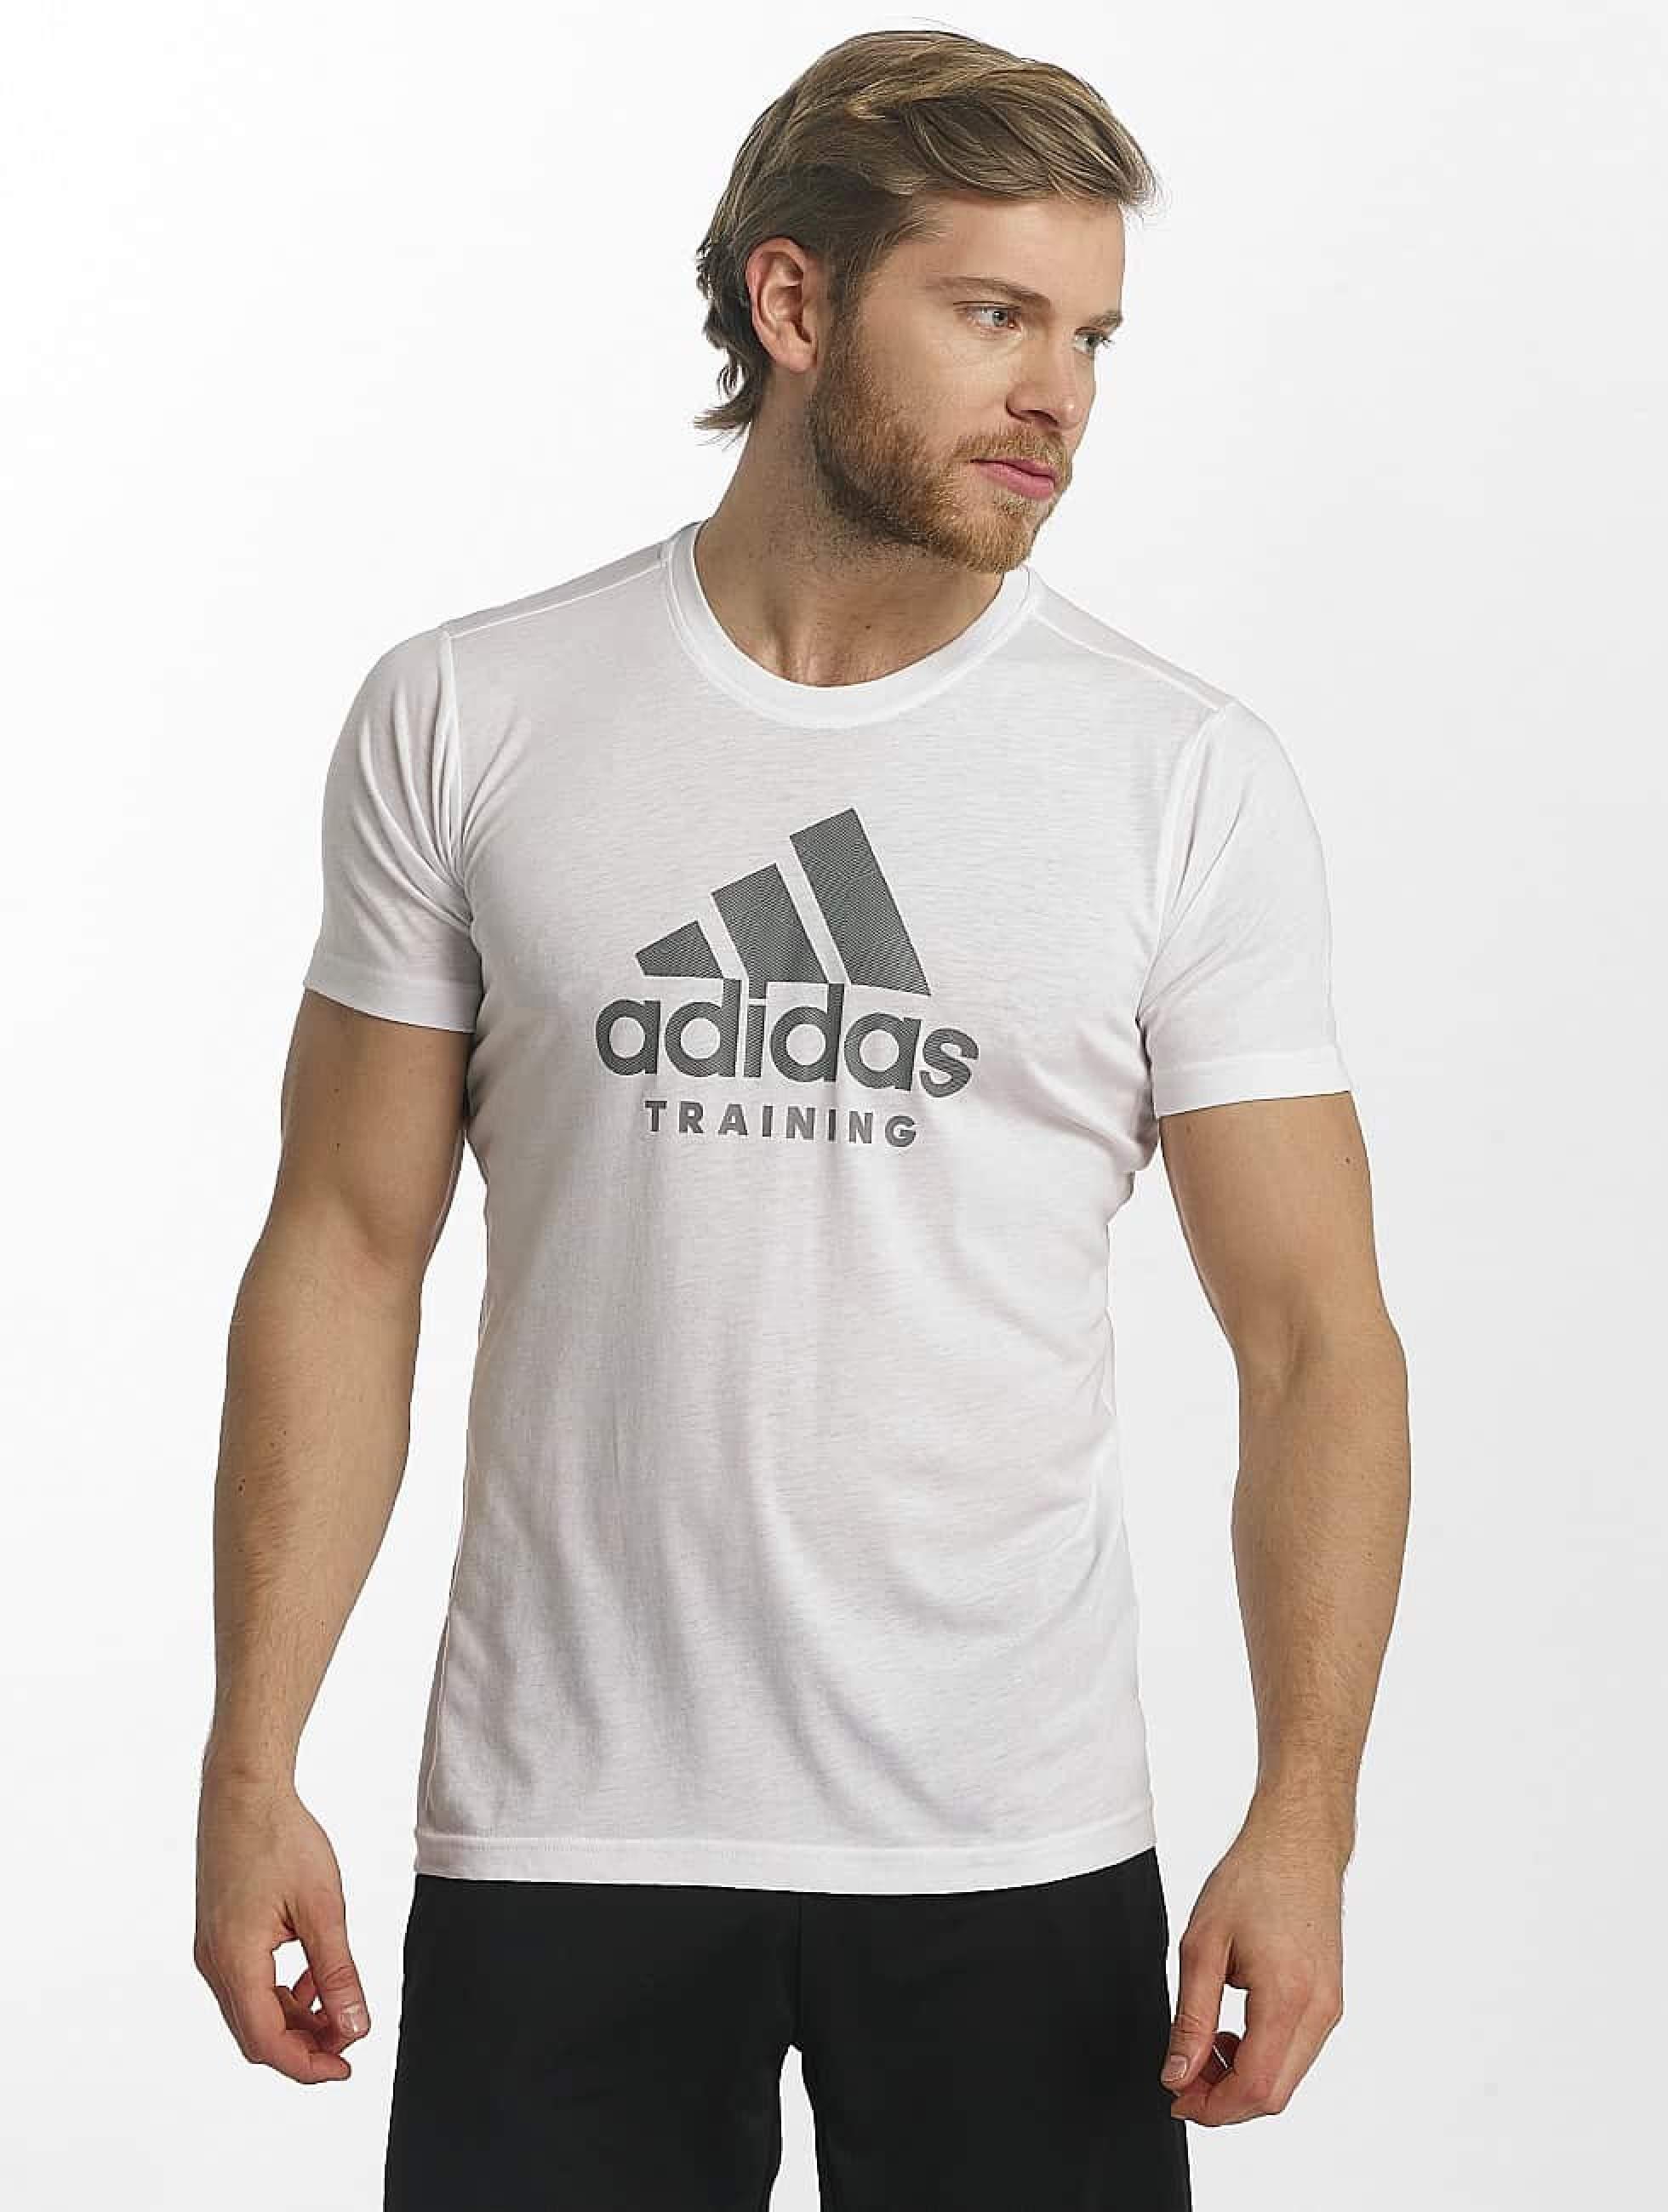 official photos 30acd caad4 adidas Performance Yläosat   Adi Training T-paidat   valkoinen 450830